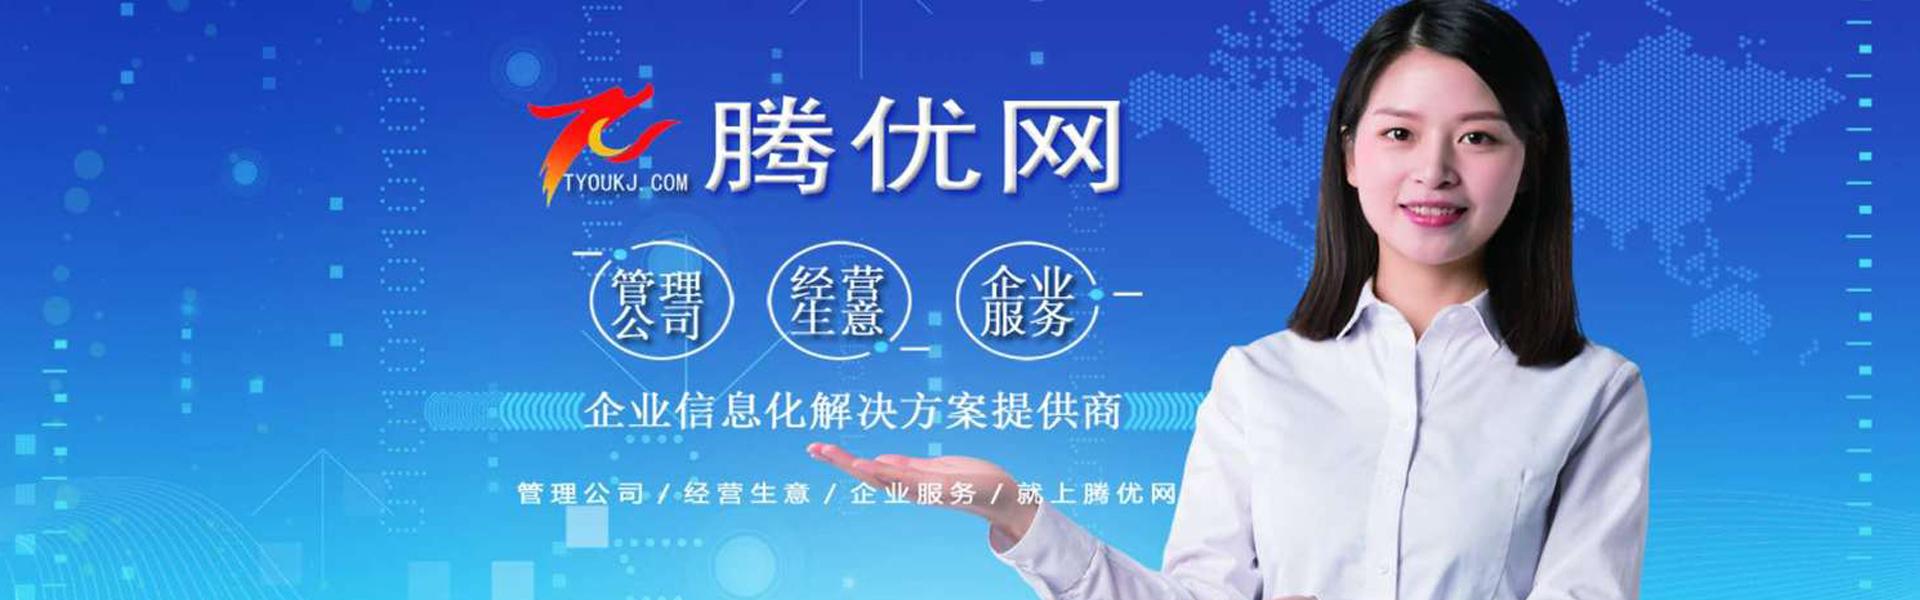 營銷獲客係統,廣州網絡推廣,廣州企業銷售管理係統,廣州電話外呼係統,企業銷售管理係統,廣州茄子视频色版app信息科技有限公司